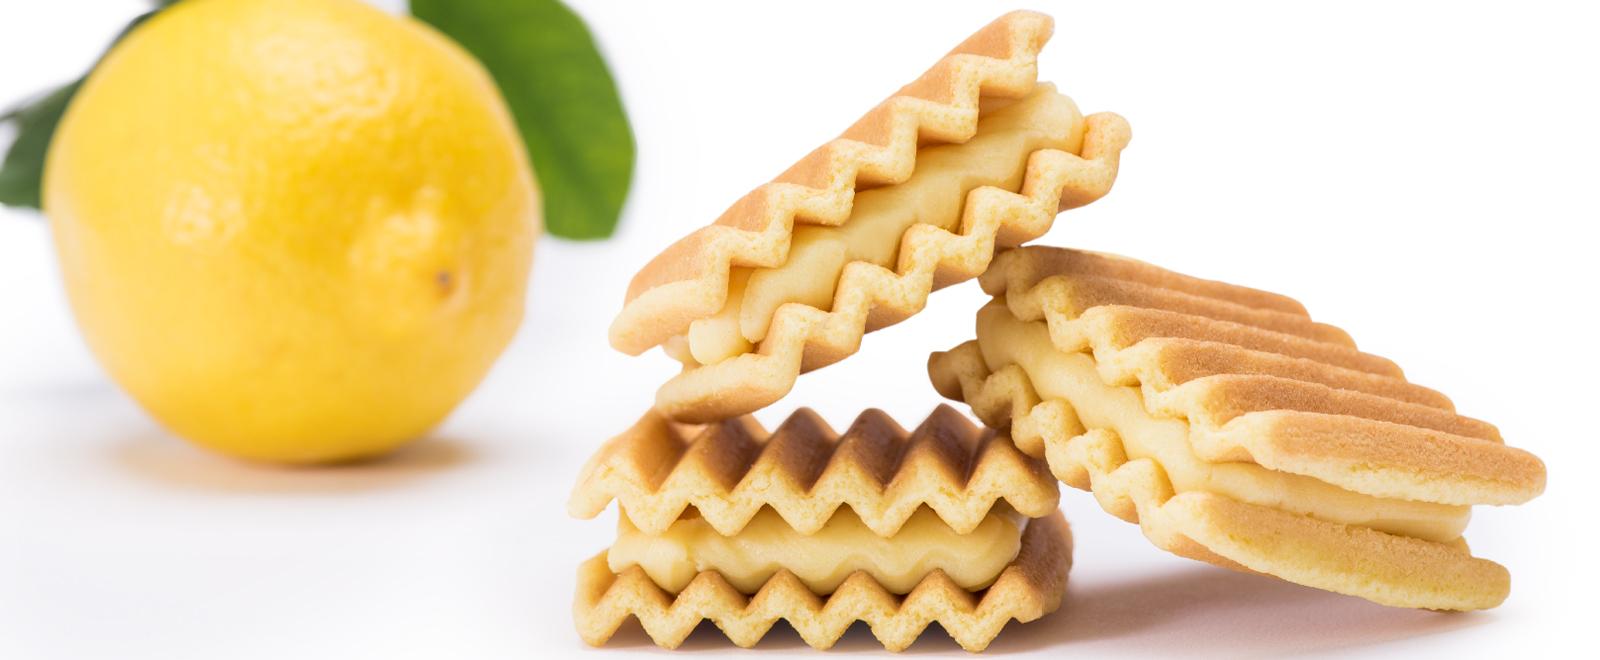 リッチレモン 商品写真